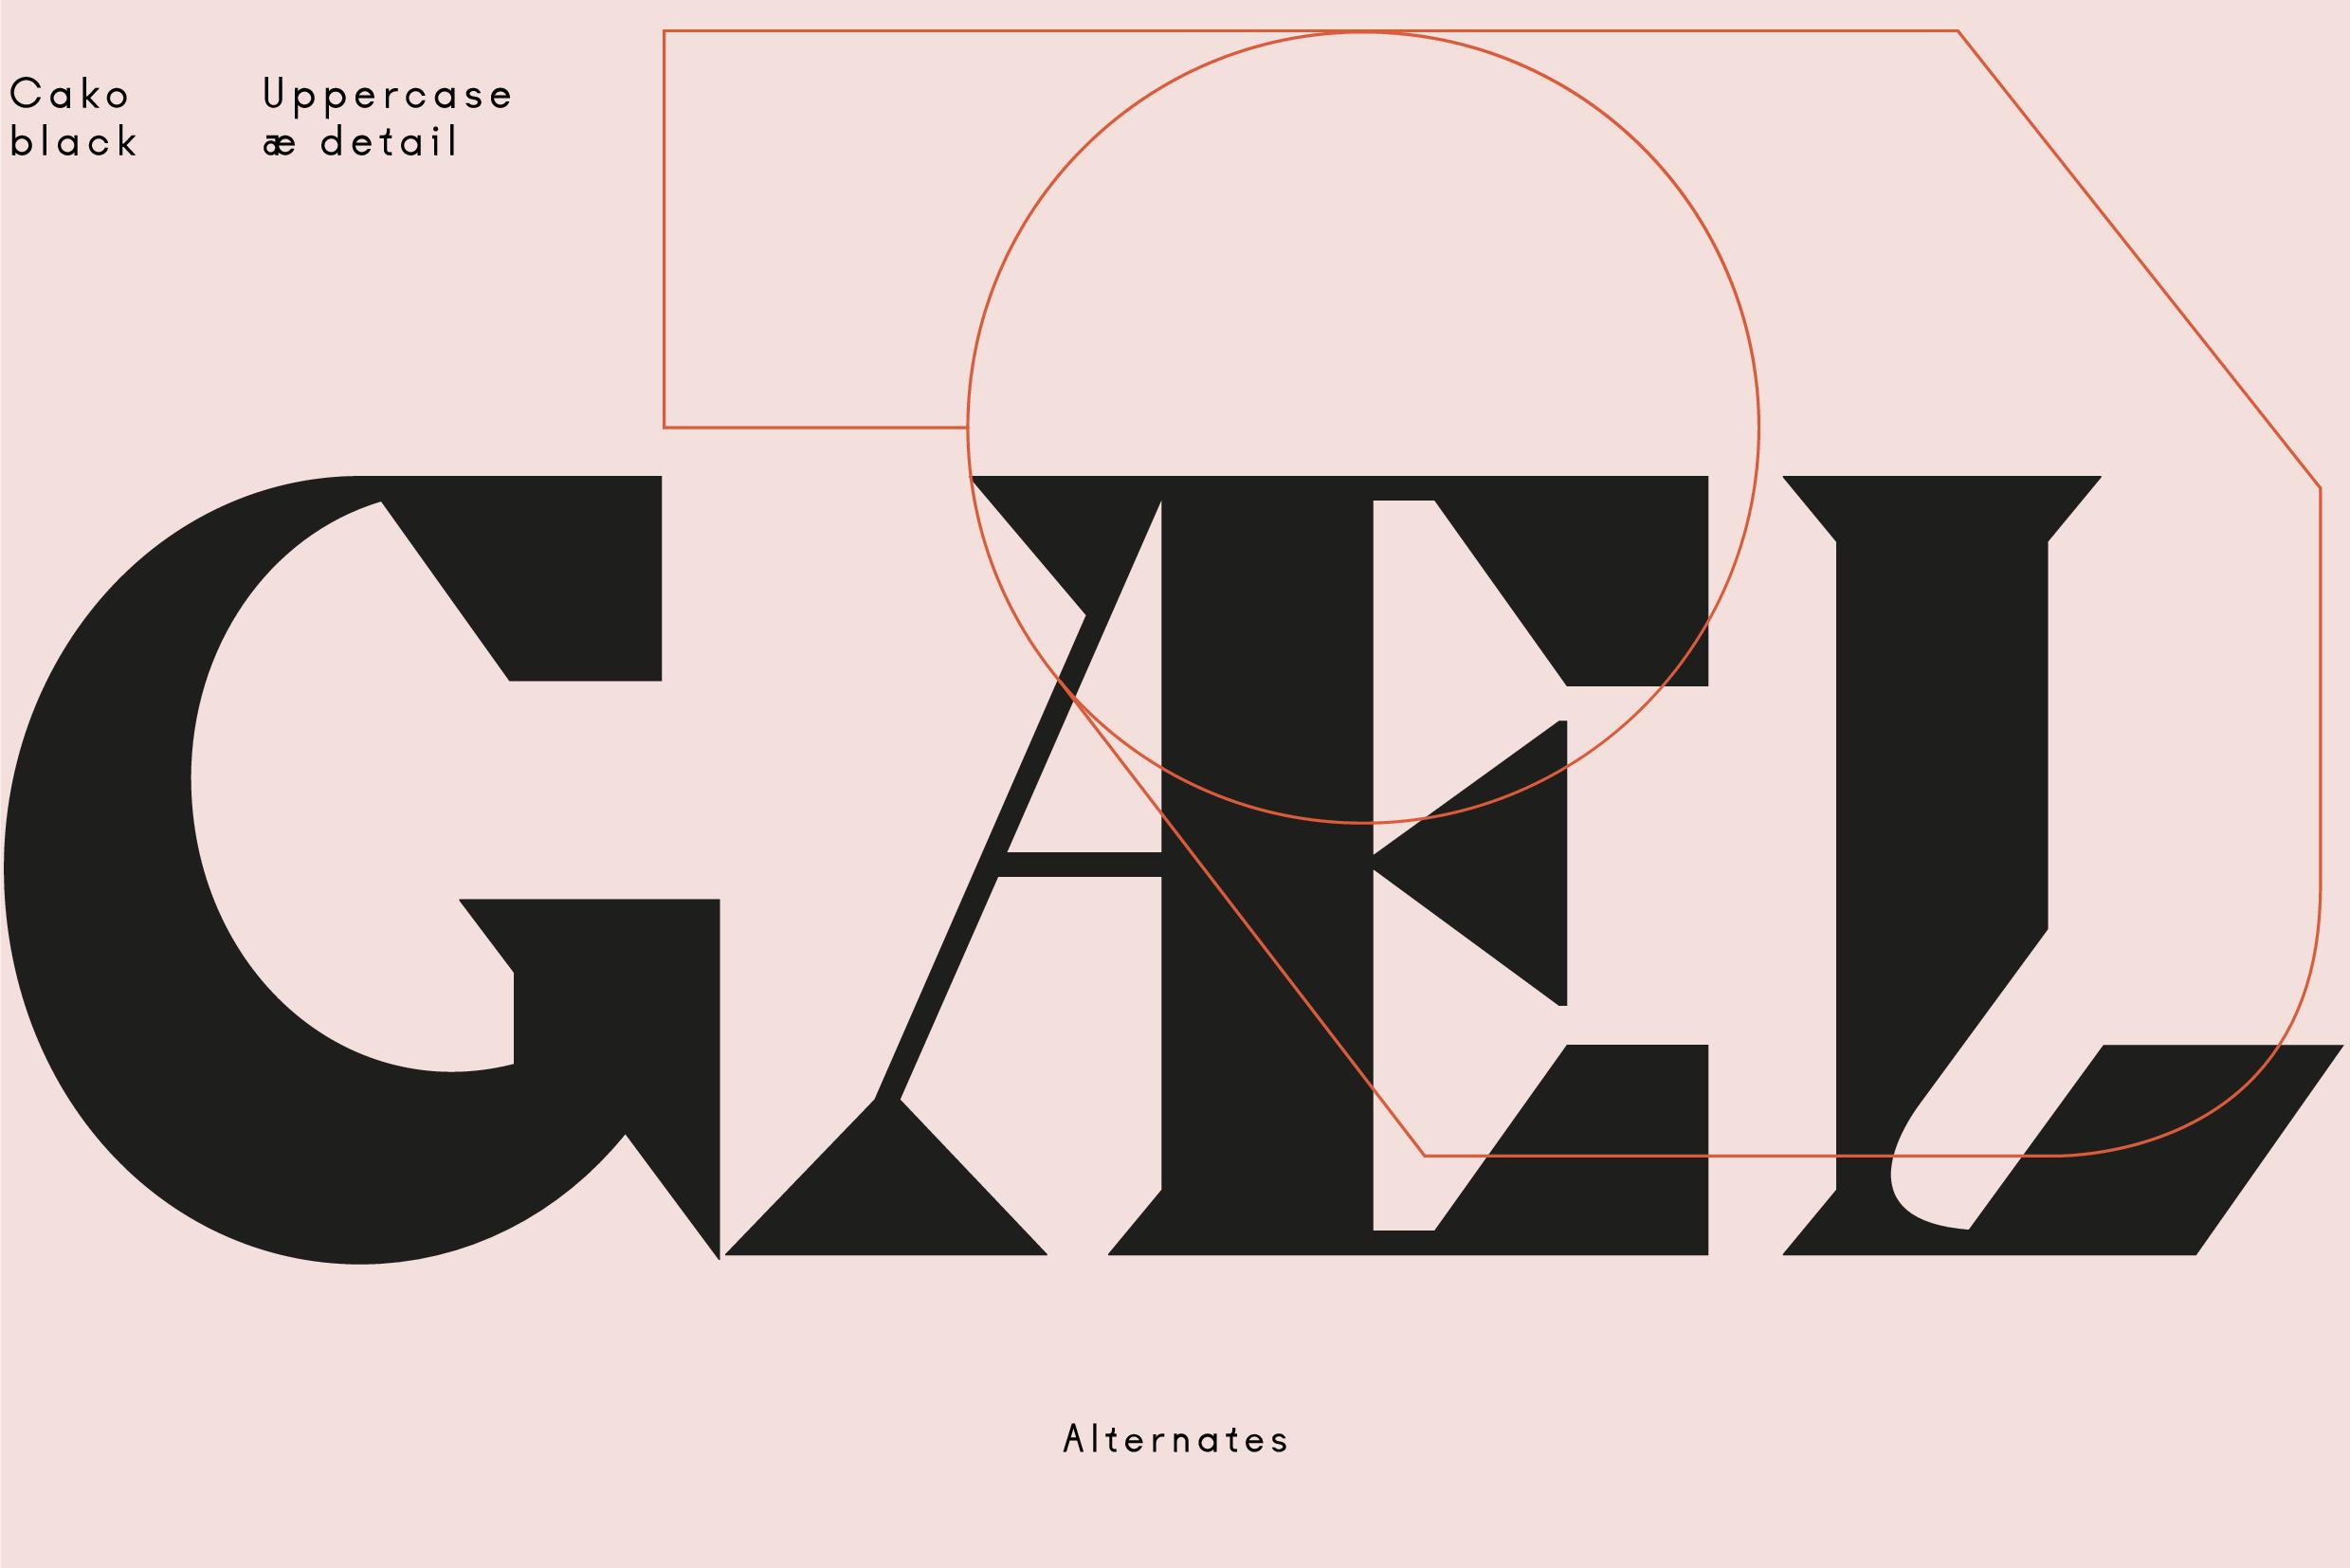 [单独购买] 10套潮流逆反差酸性杂志标题Logo设计VJ Type家族英文字体合集 VJ Type – Typeface Font Collection插图5